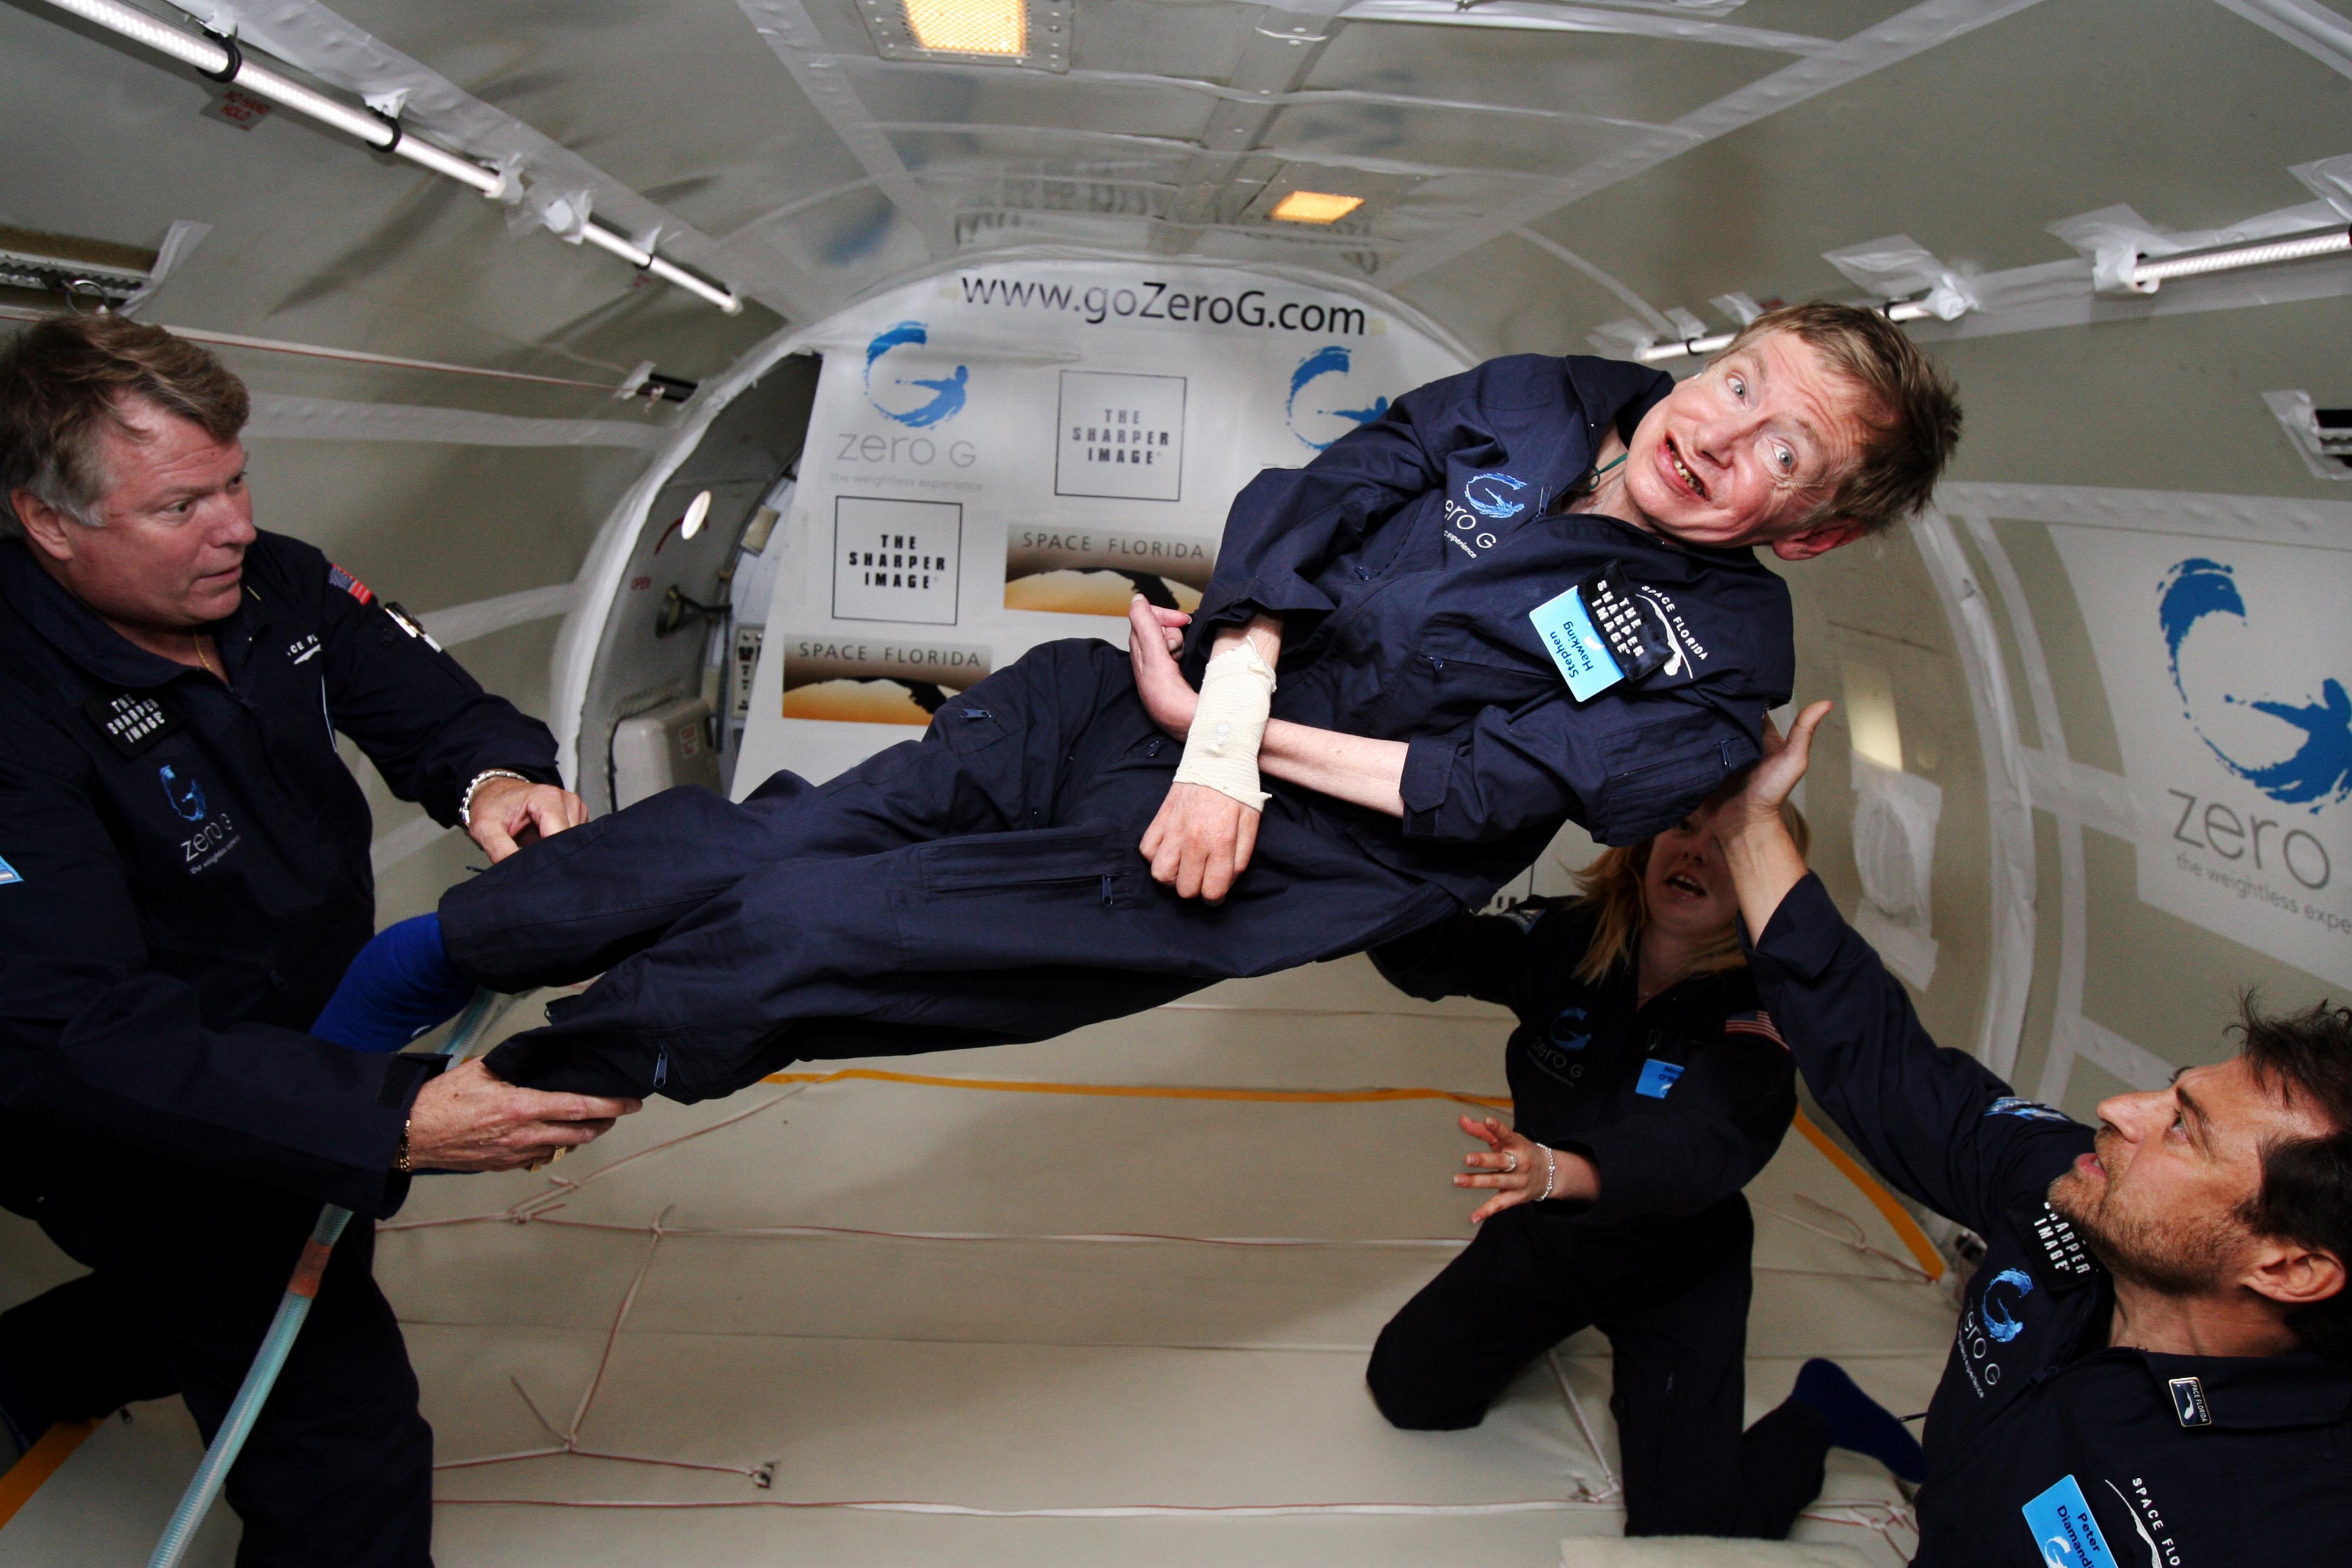 StephenHawking es uno de los personajes más famosos con discapacidad física.